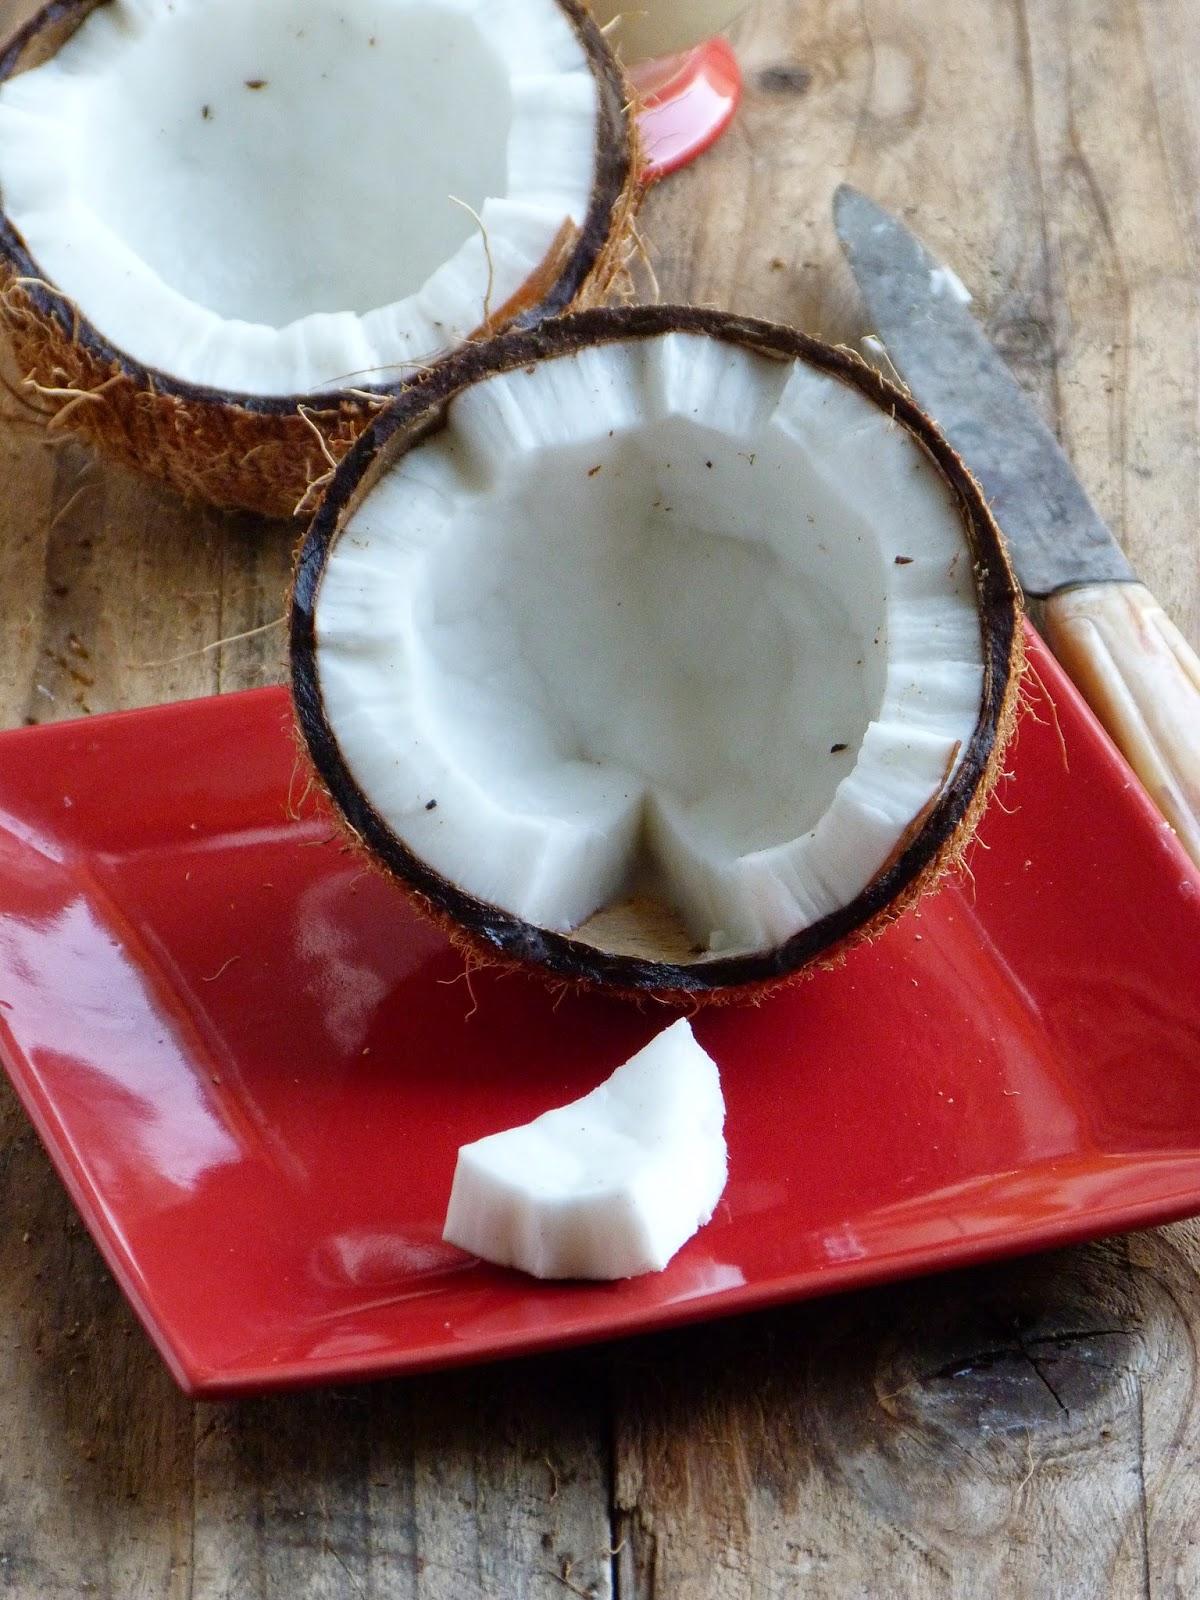 Comment Couper Une Noix De Coco : comment, couper, Chic,, Chocolat:, Comment, Ouvrir, Préparer, Coco?